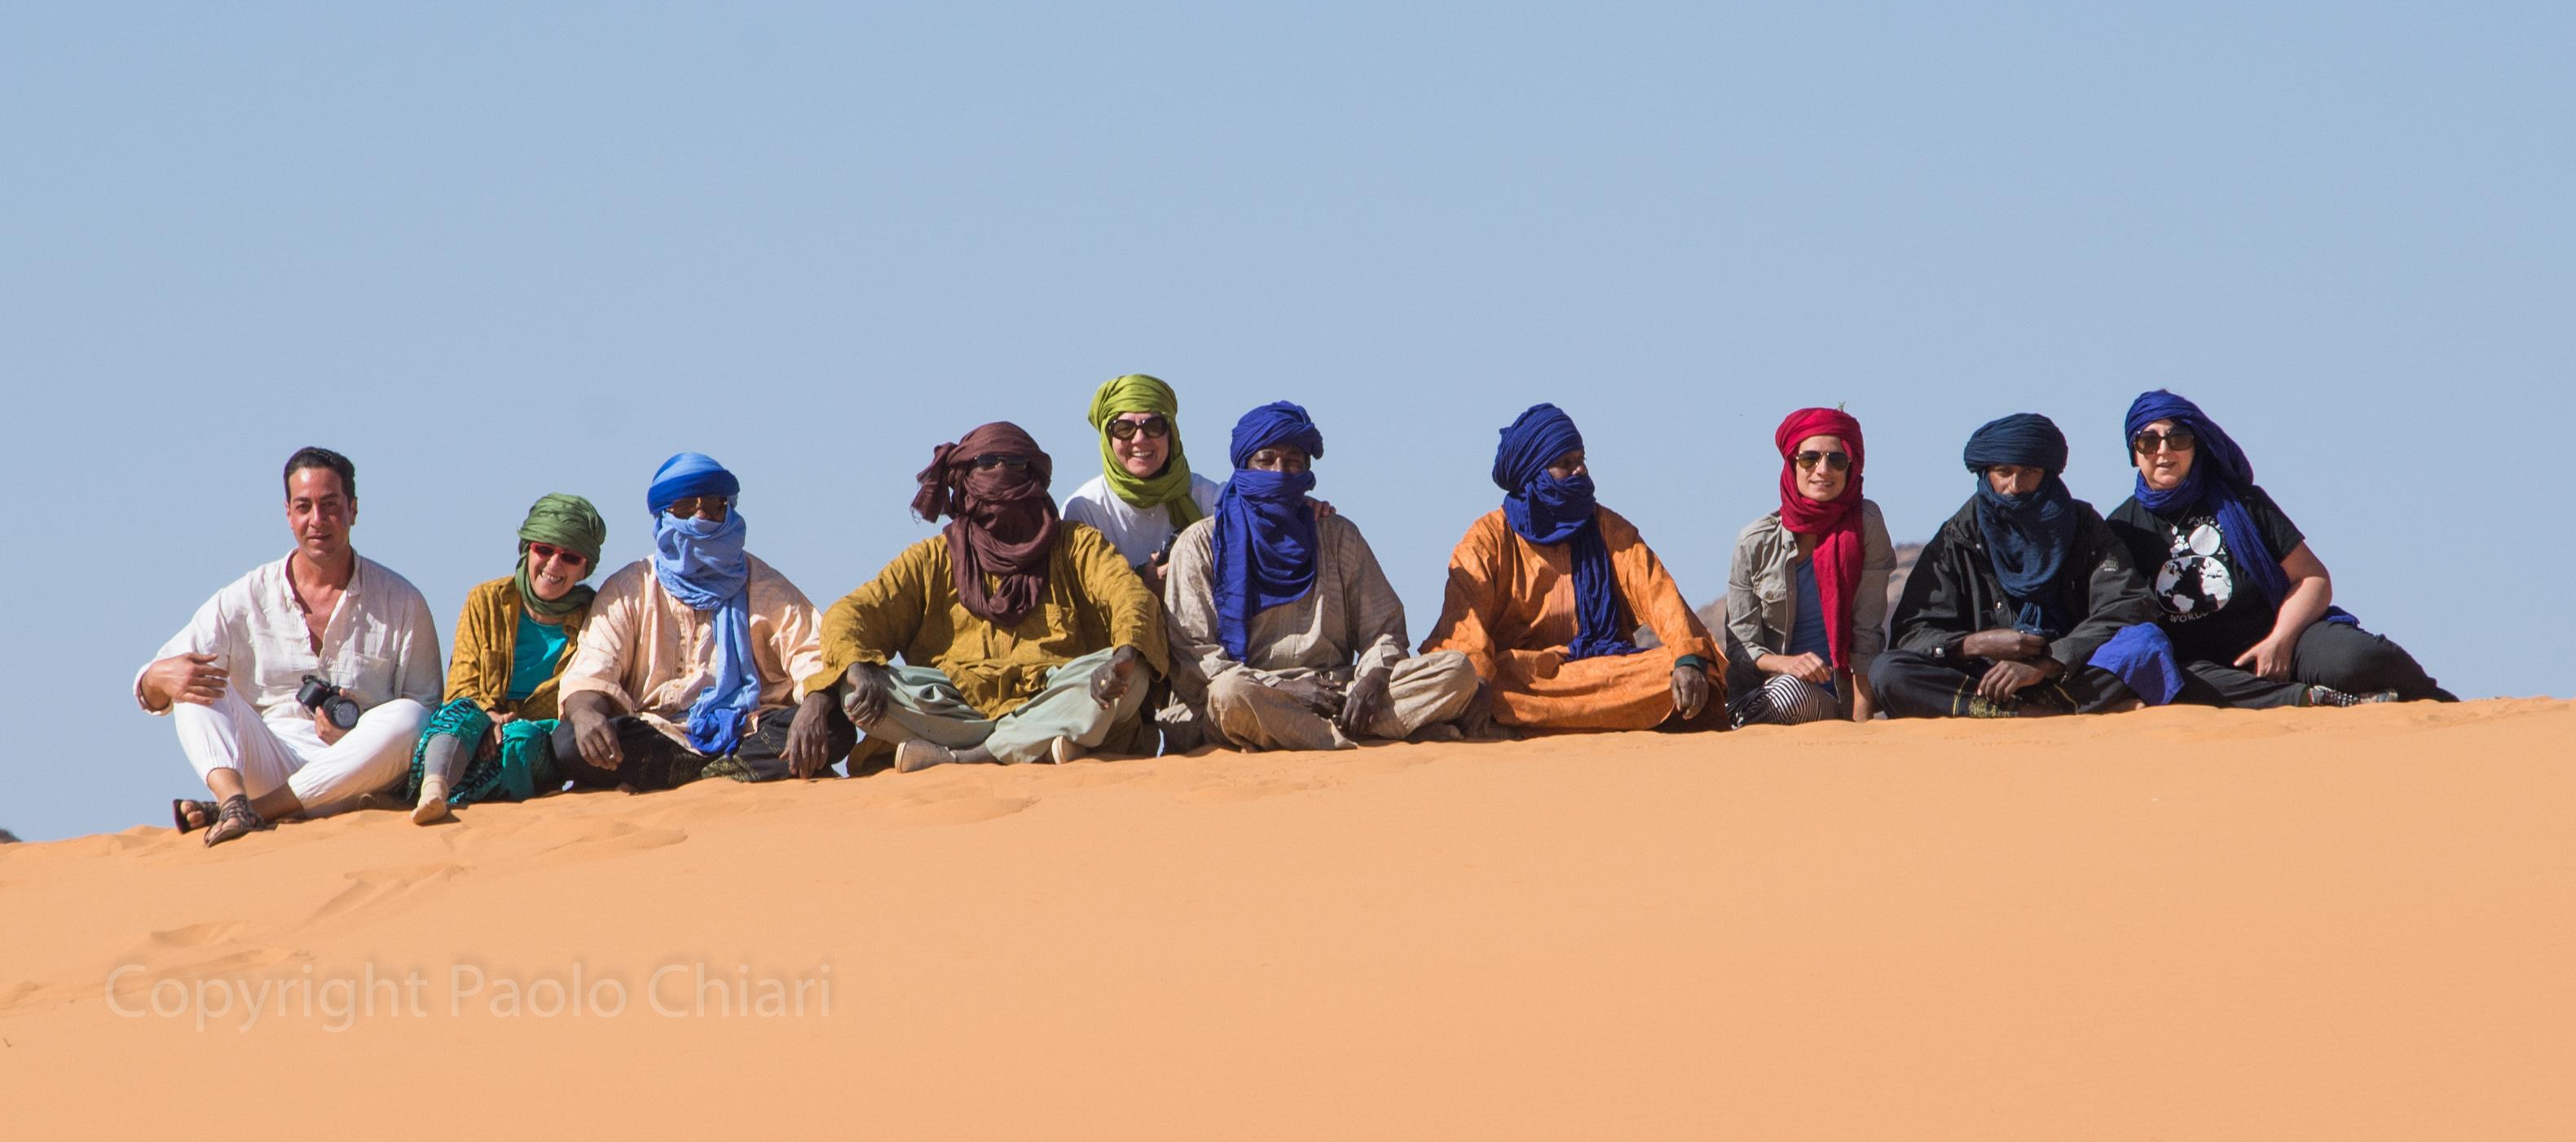 Saluti di gruppo dalla duna